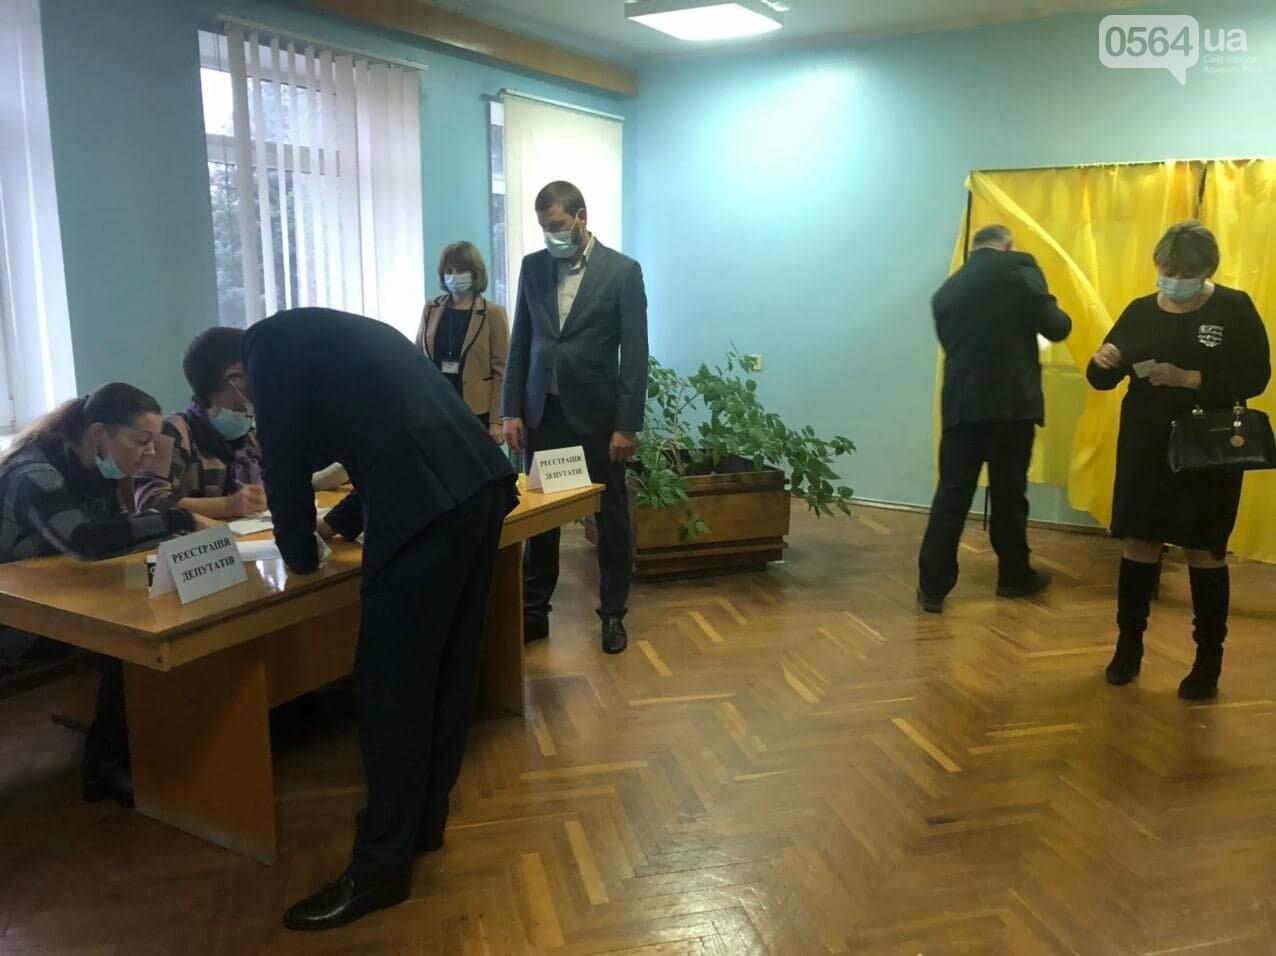 Стало известно, кому Игорь Ратинов передал власть в Долгинцевском райсовете, - ФОТО , фото-17